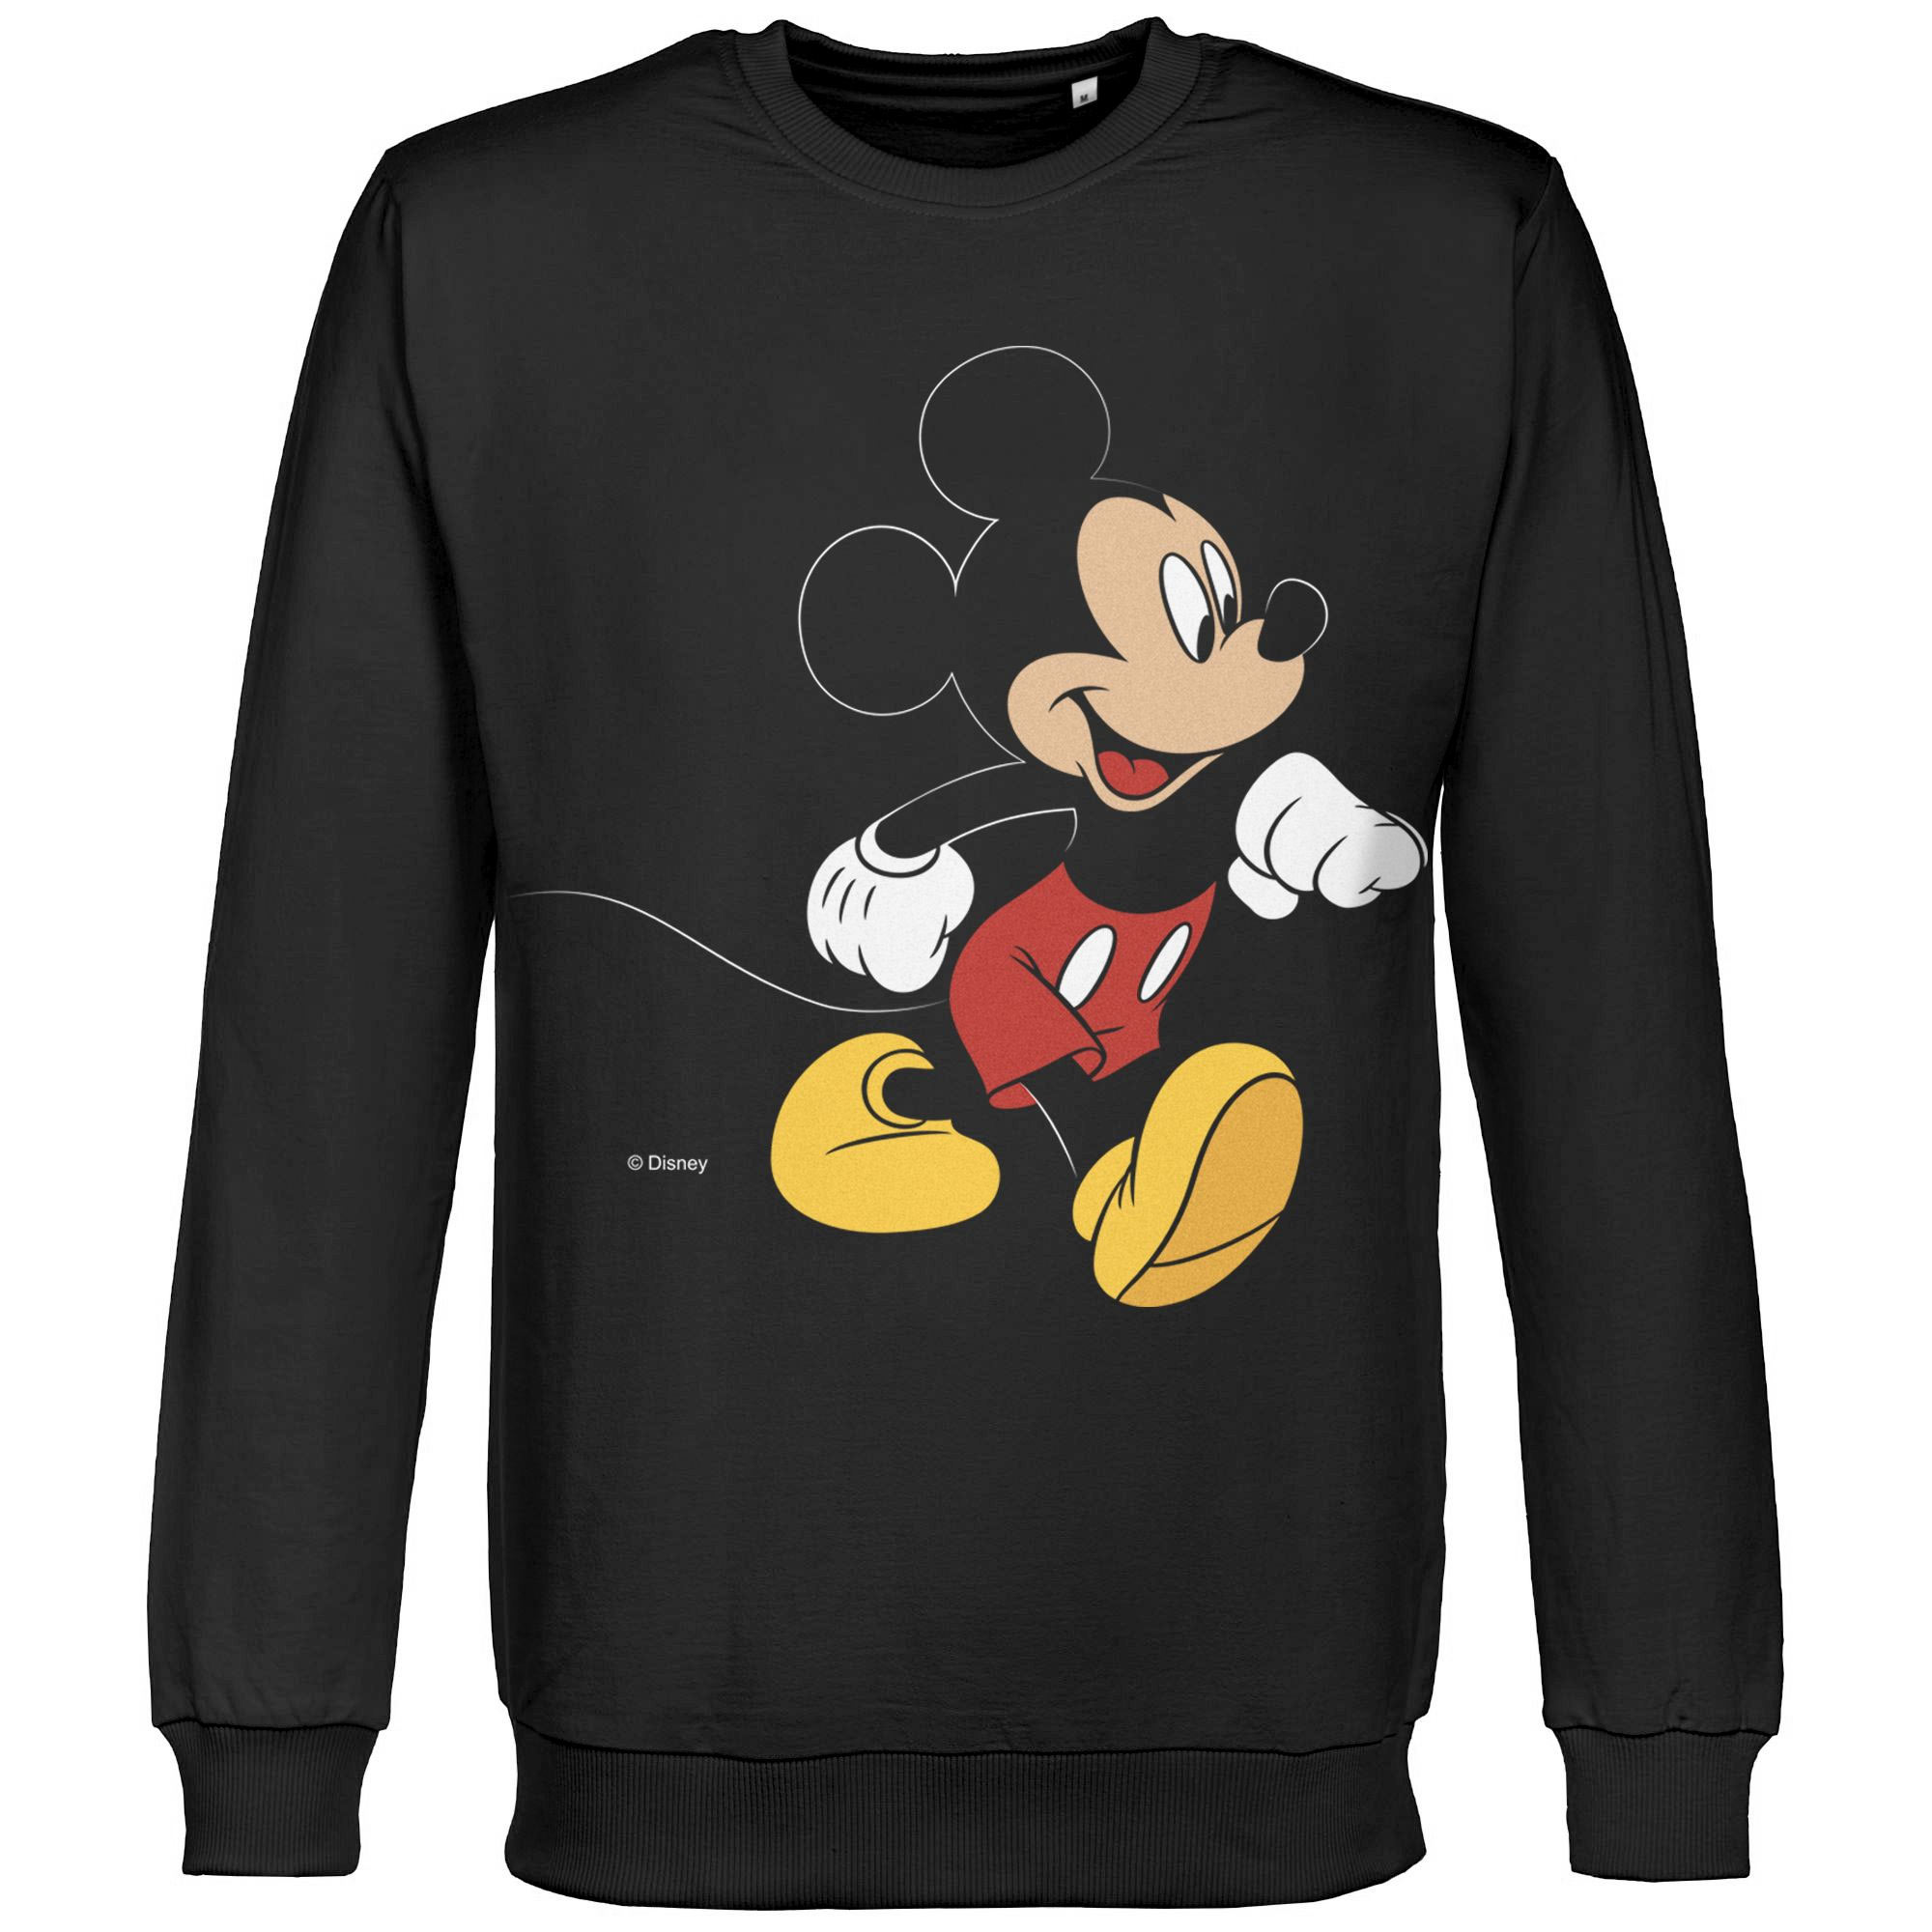 Толстовка «Микки Маус. Easygoing», черная арт 44405.30